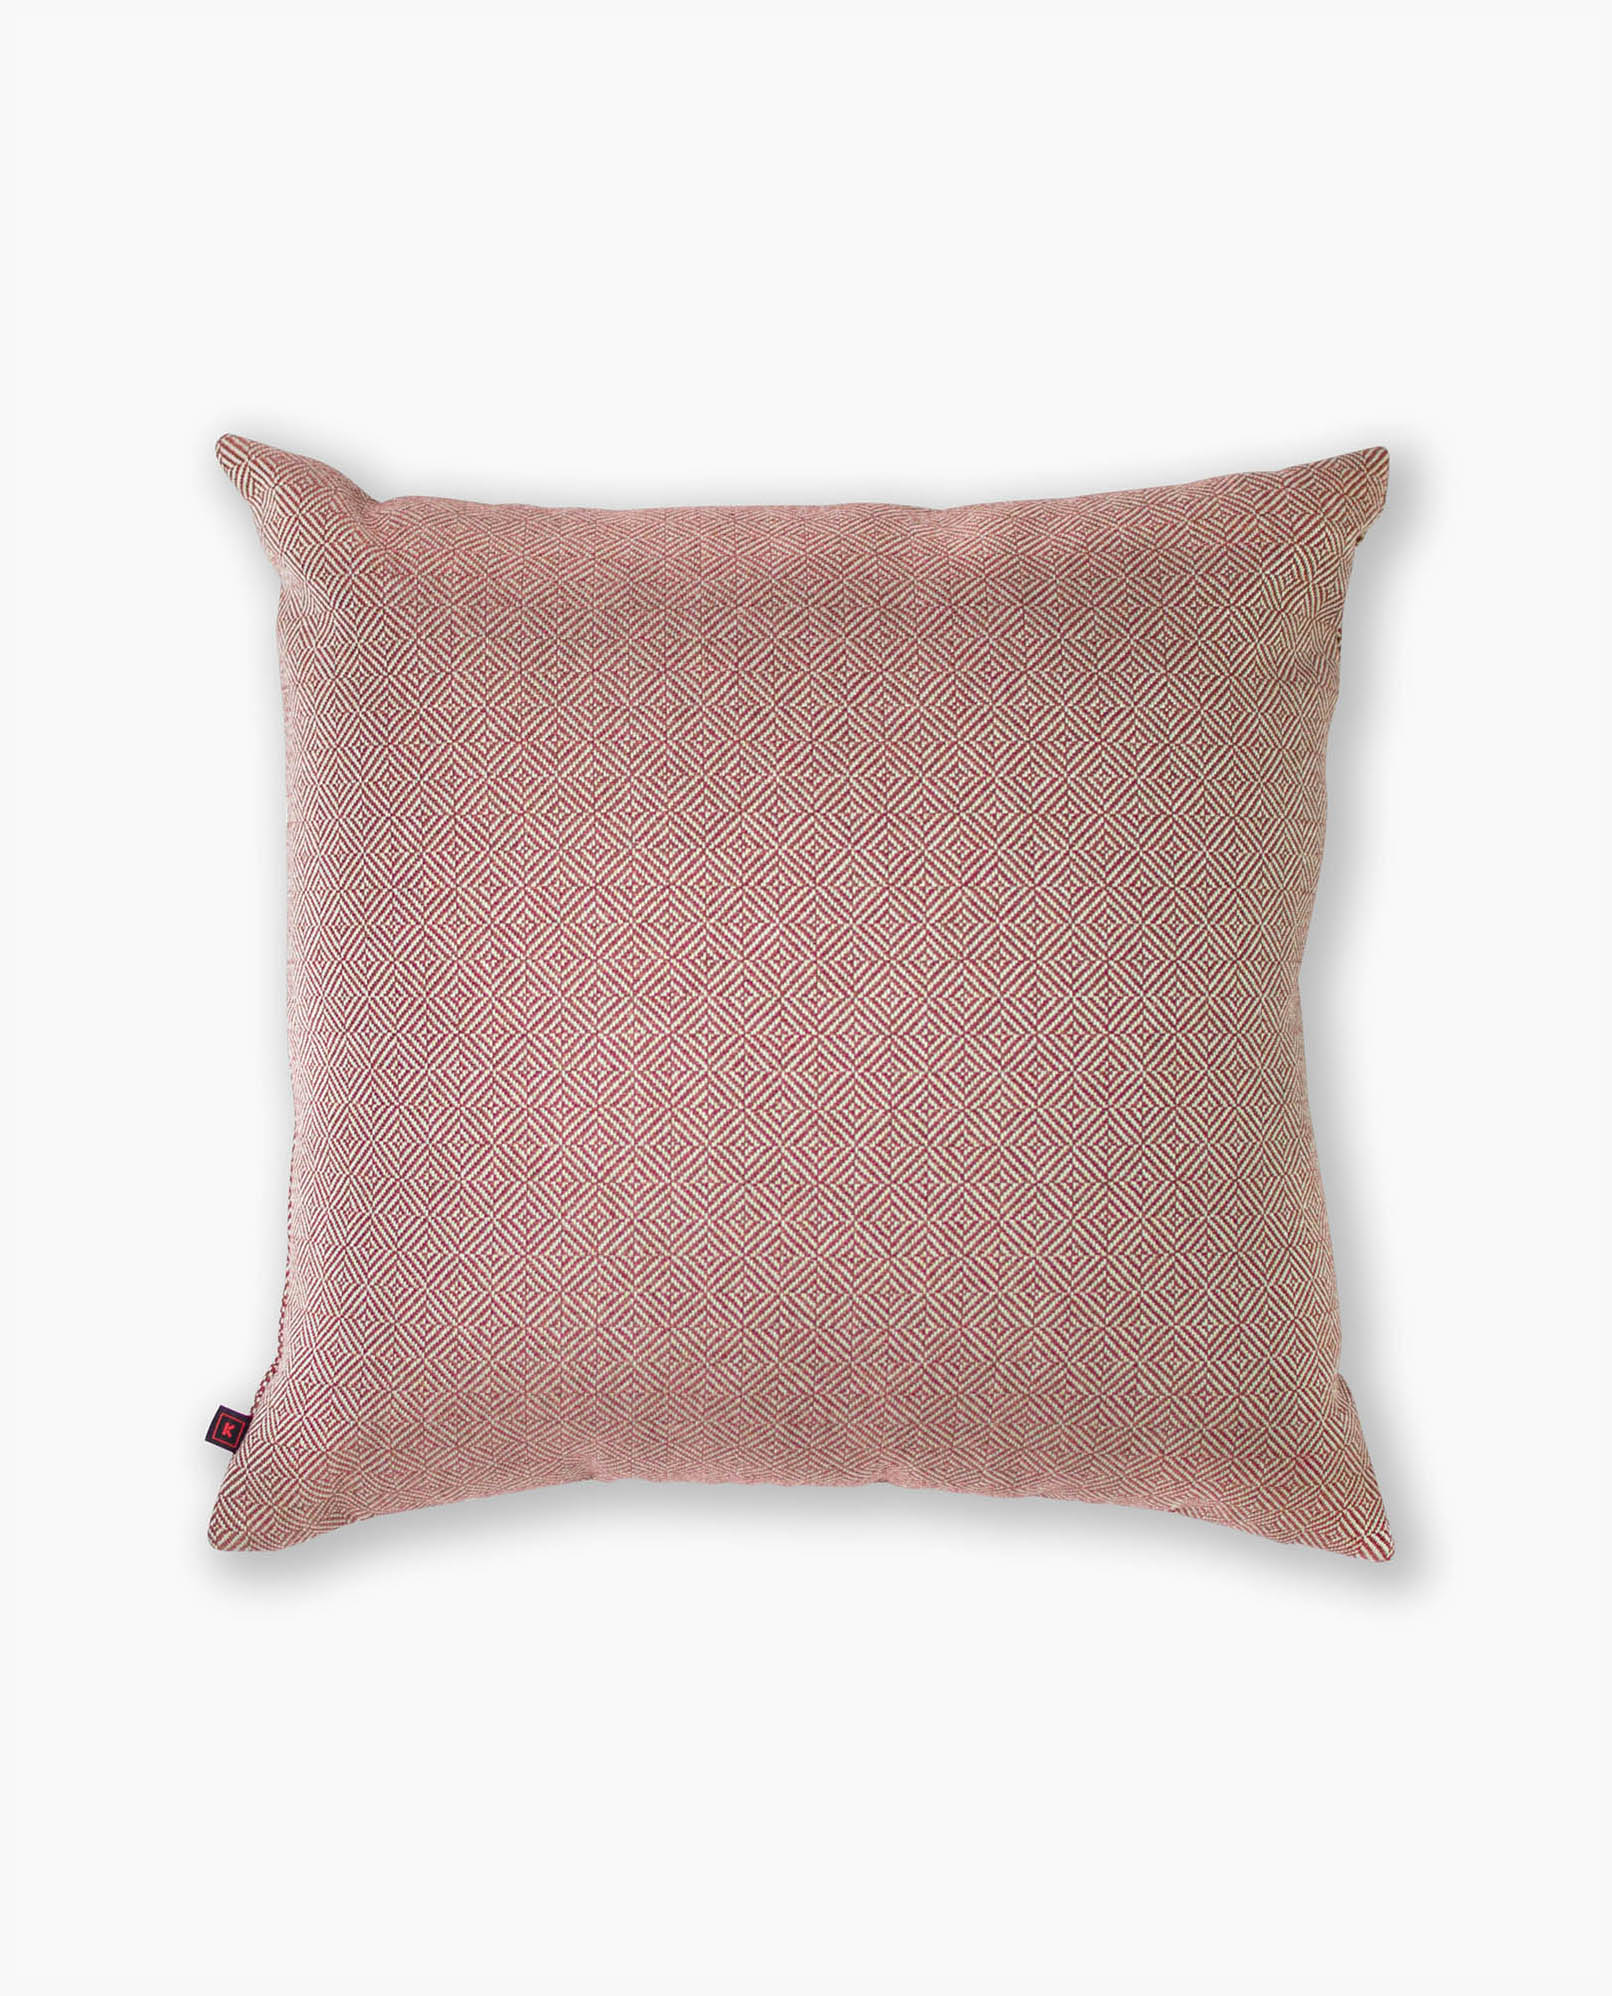 almofada decorativa em padrão vermelha